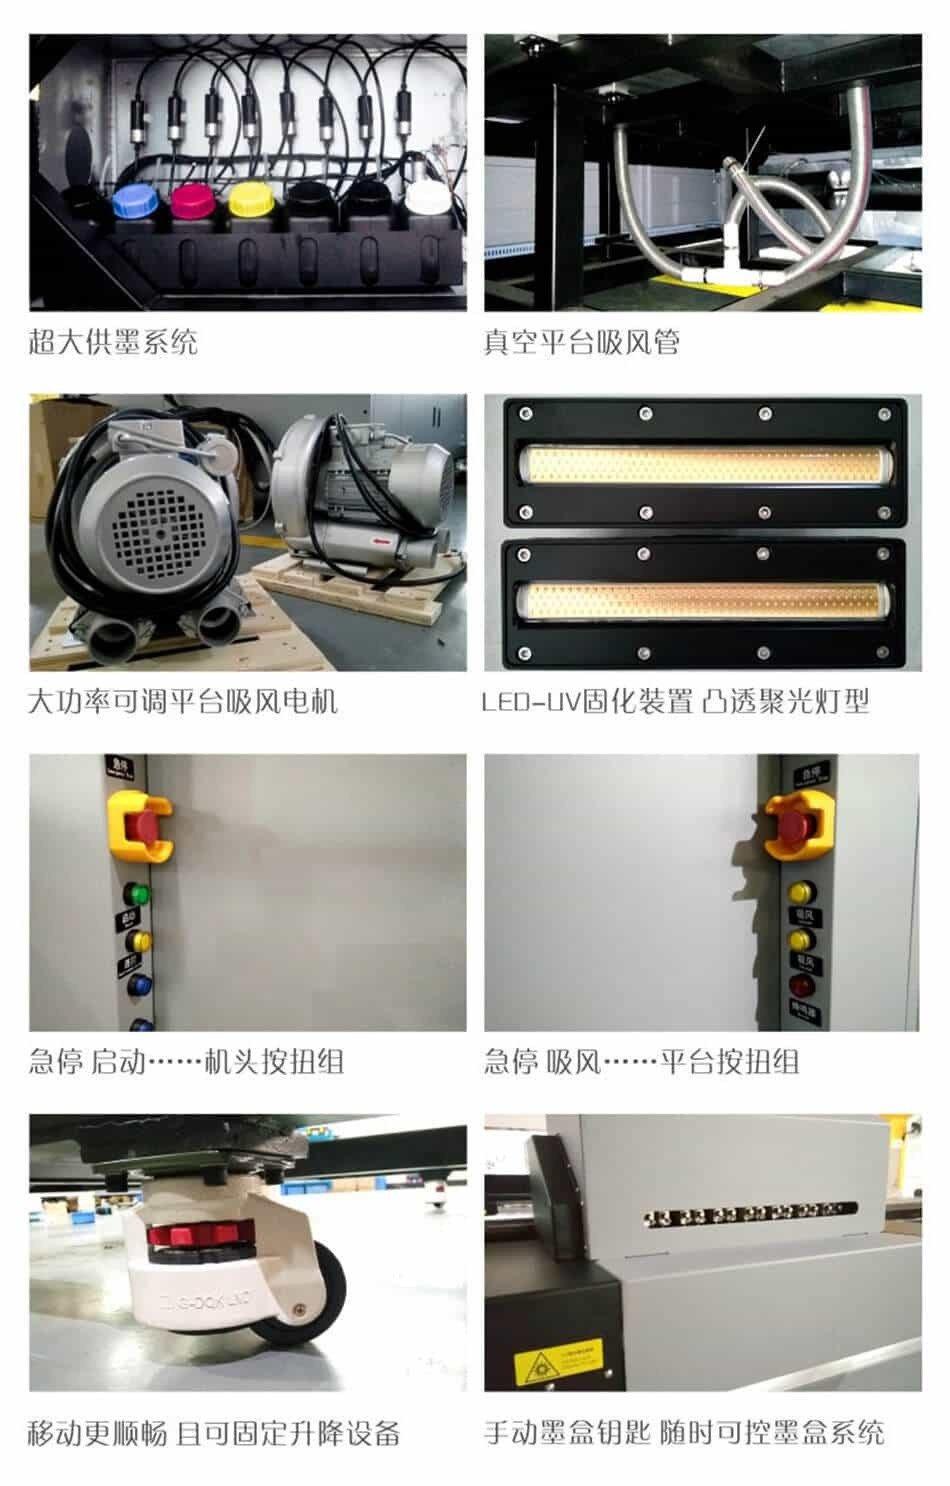 2020年新款精工gs508gs1024uv平板打印机产品细节3